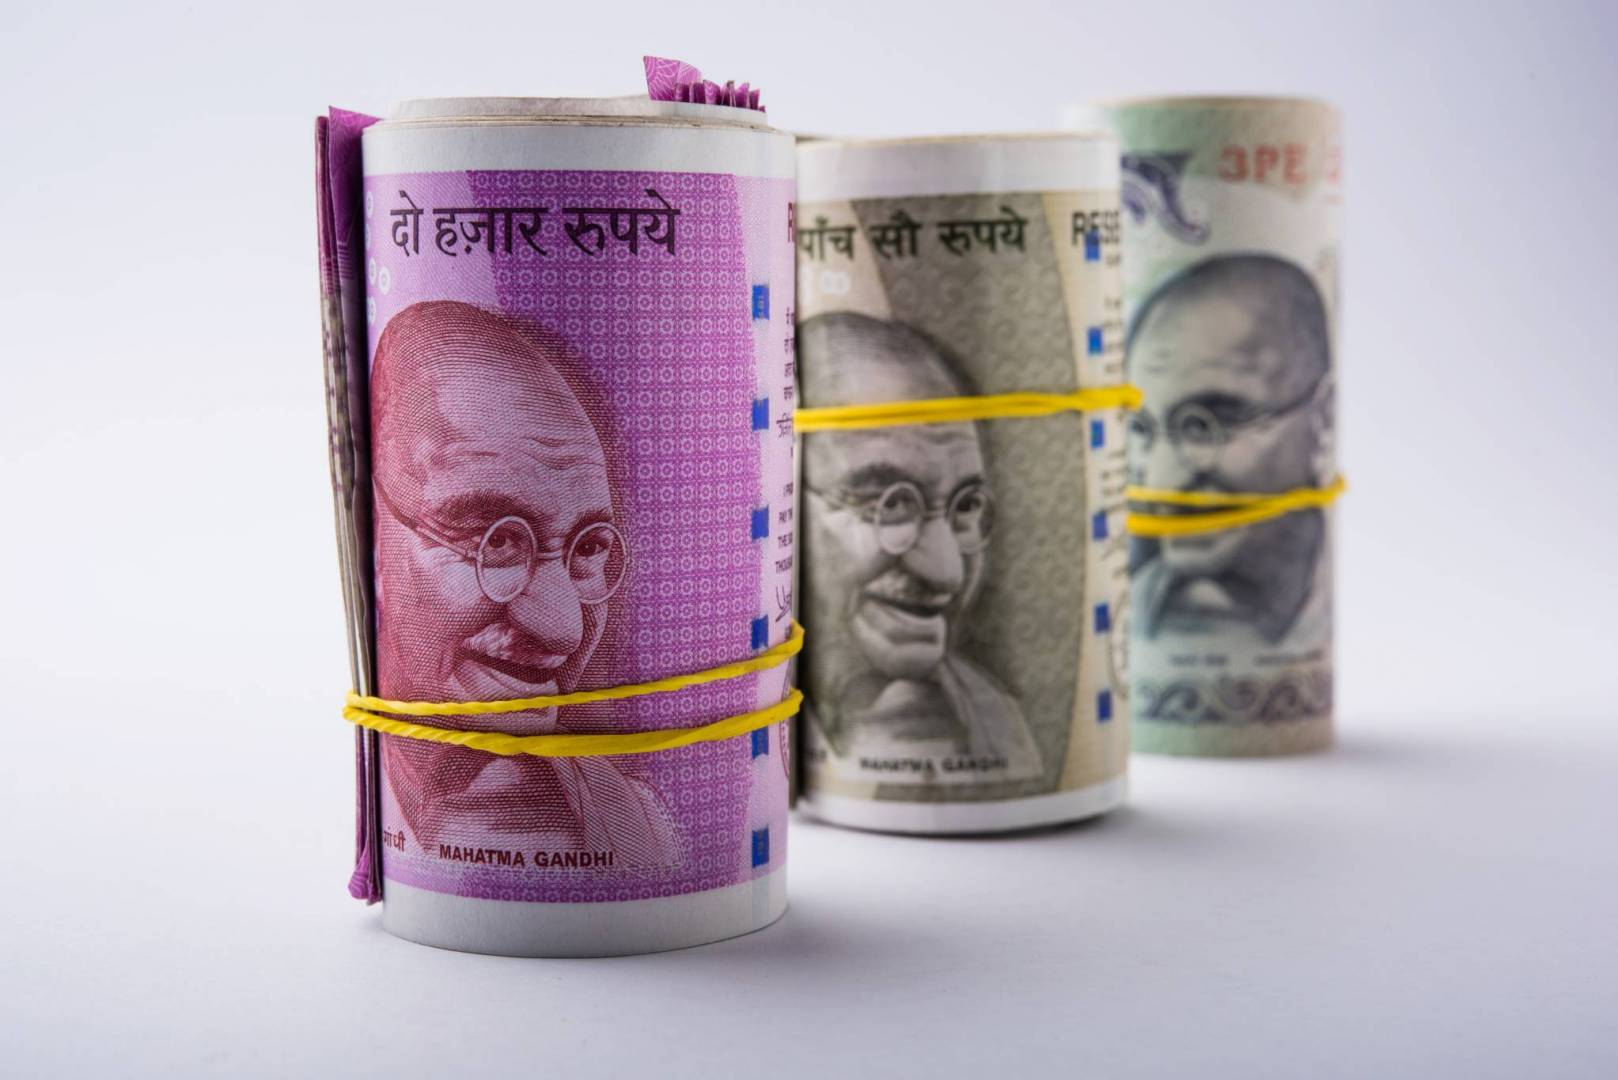 القروض قد تتسبب في انهيار النظام المصرفي الهندي بالكامل